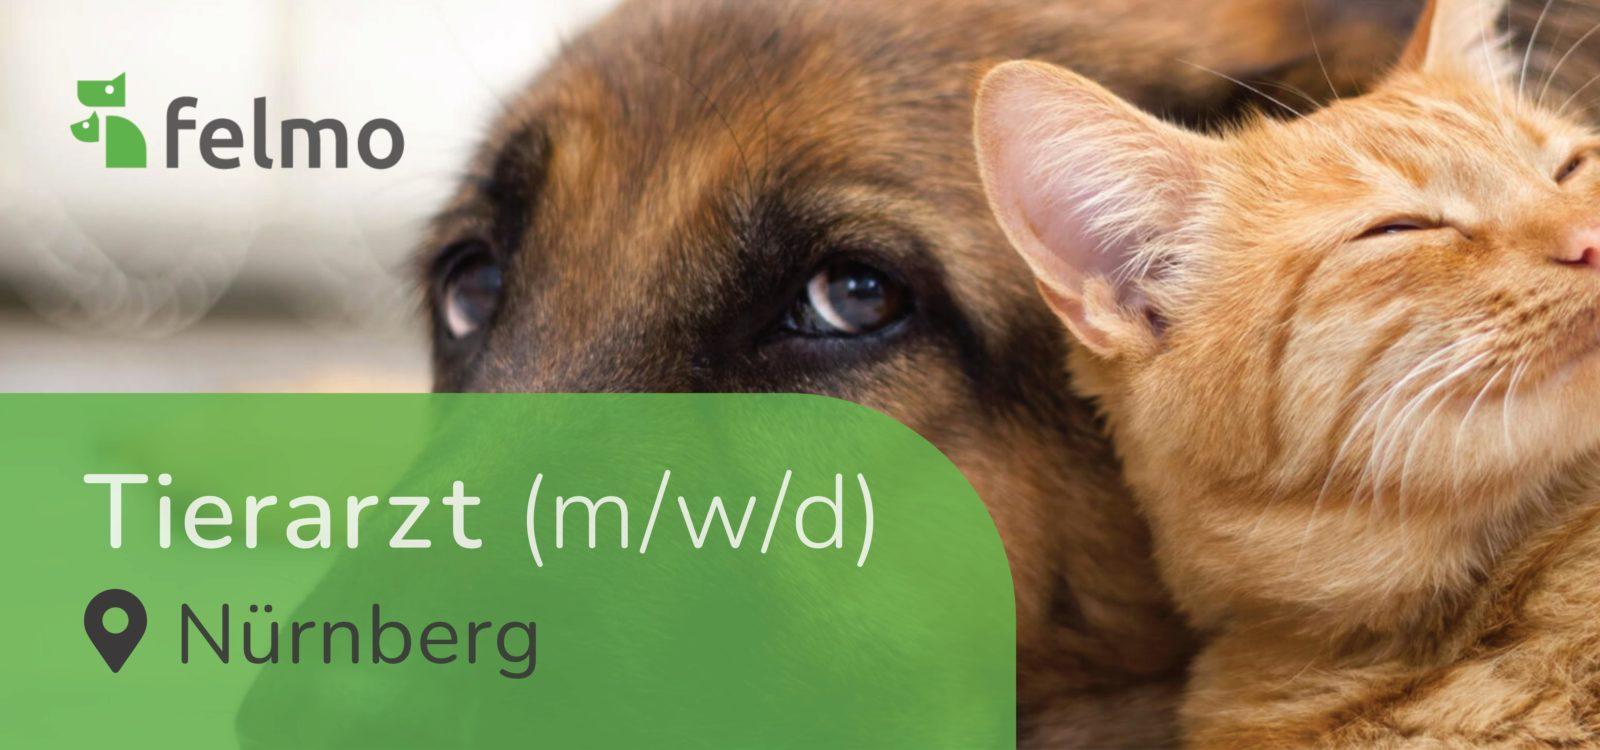 felmo GmbH - Tierärztin/Tierarzt (m/w/d) in Nürnberg gesucht